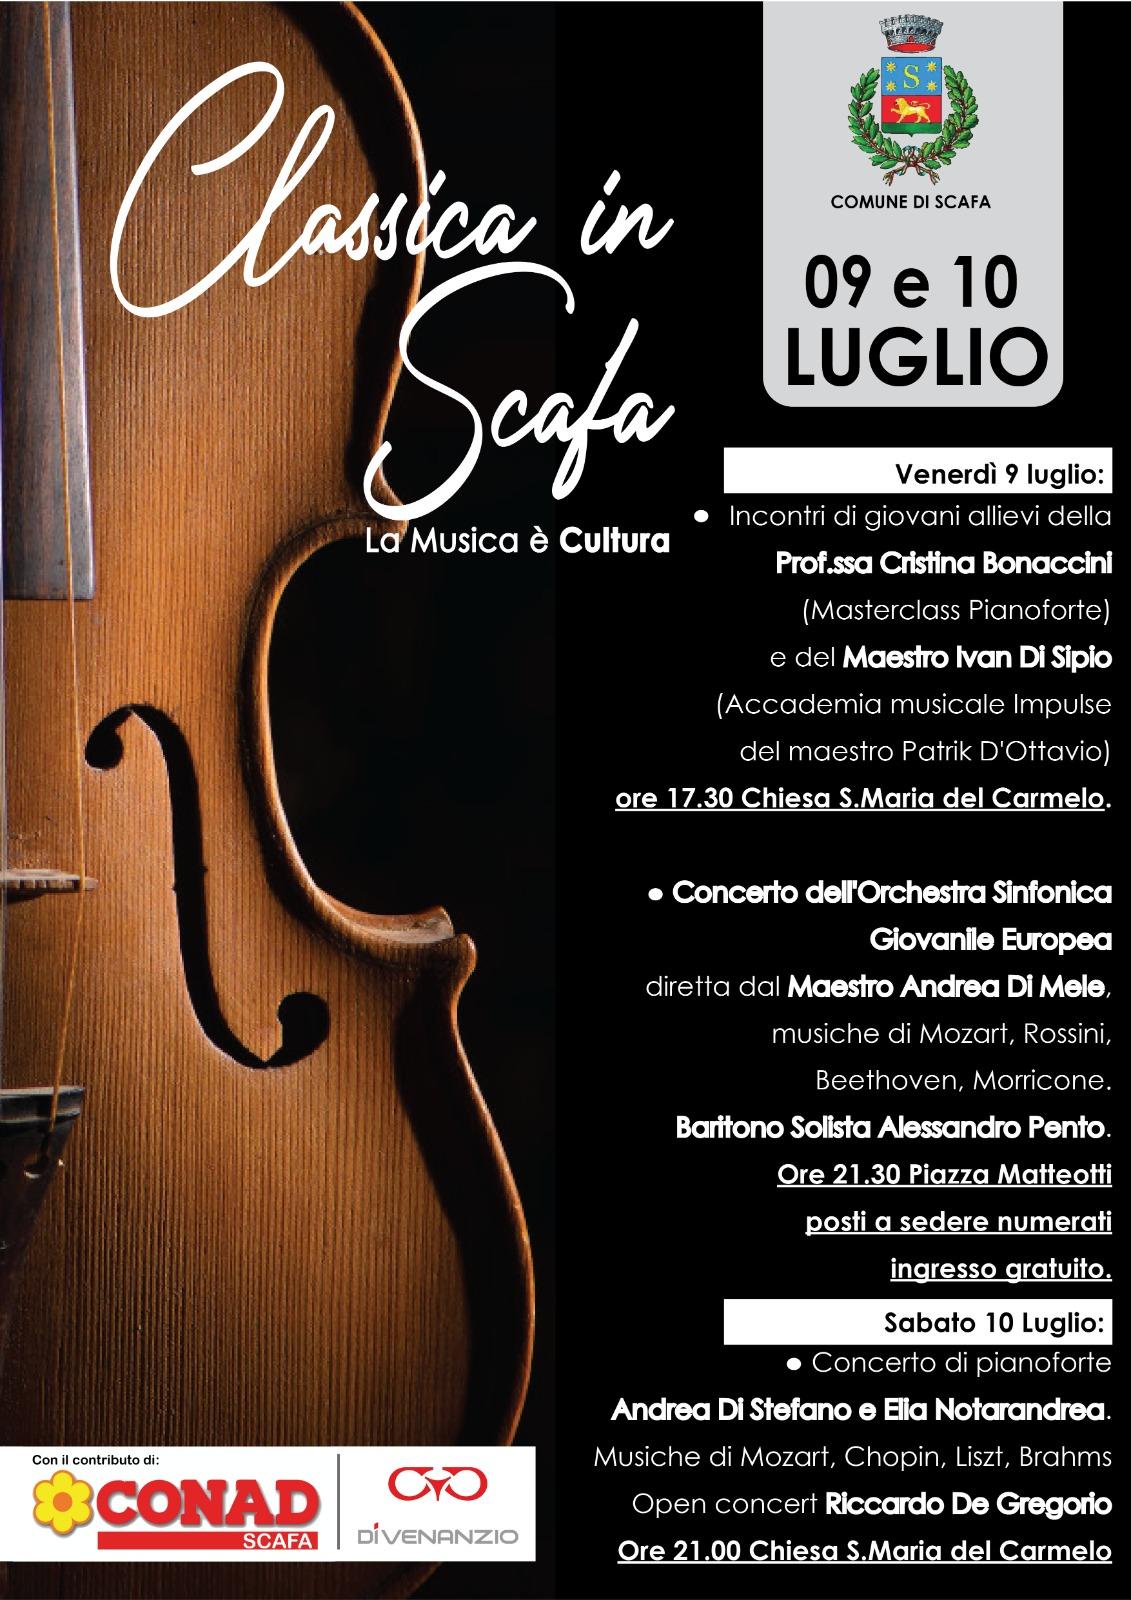 CLASSICA in SCAFA - La Musica � Cultura